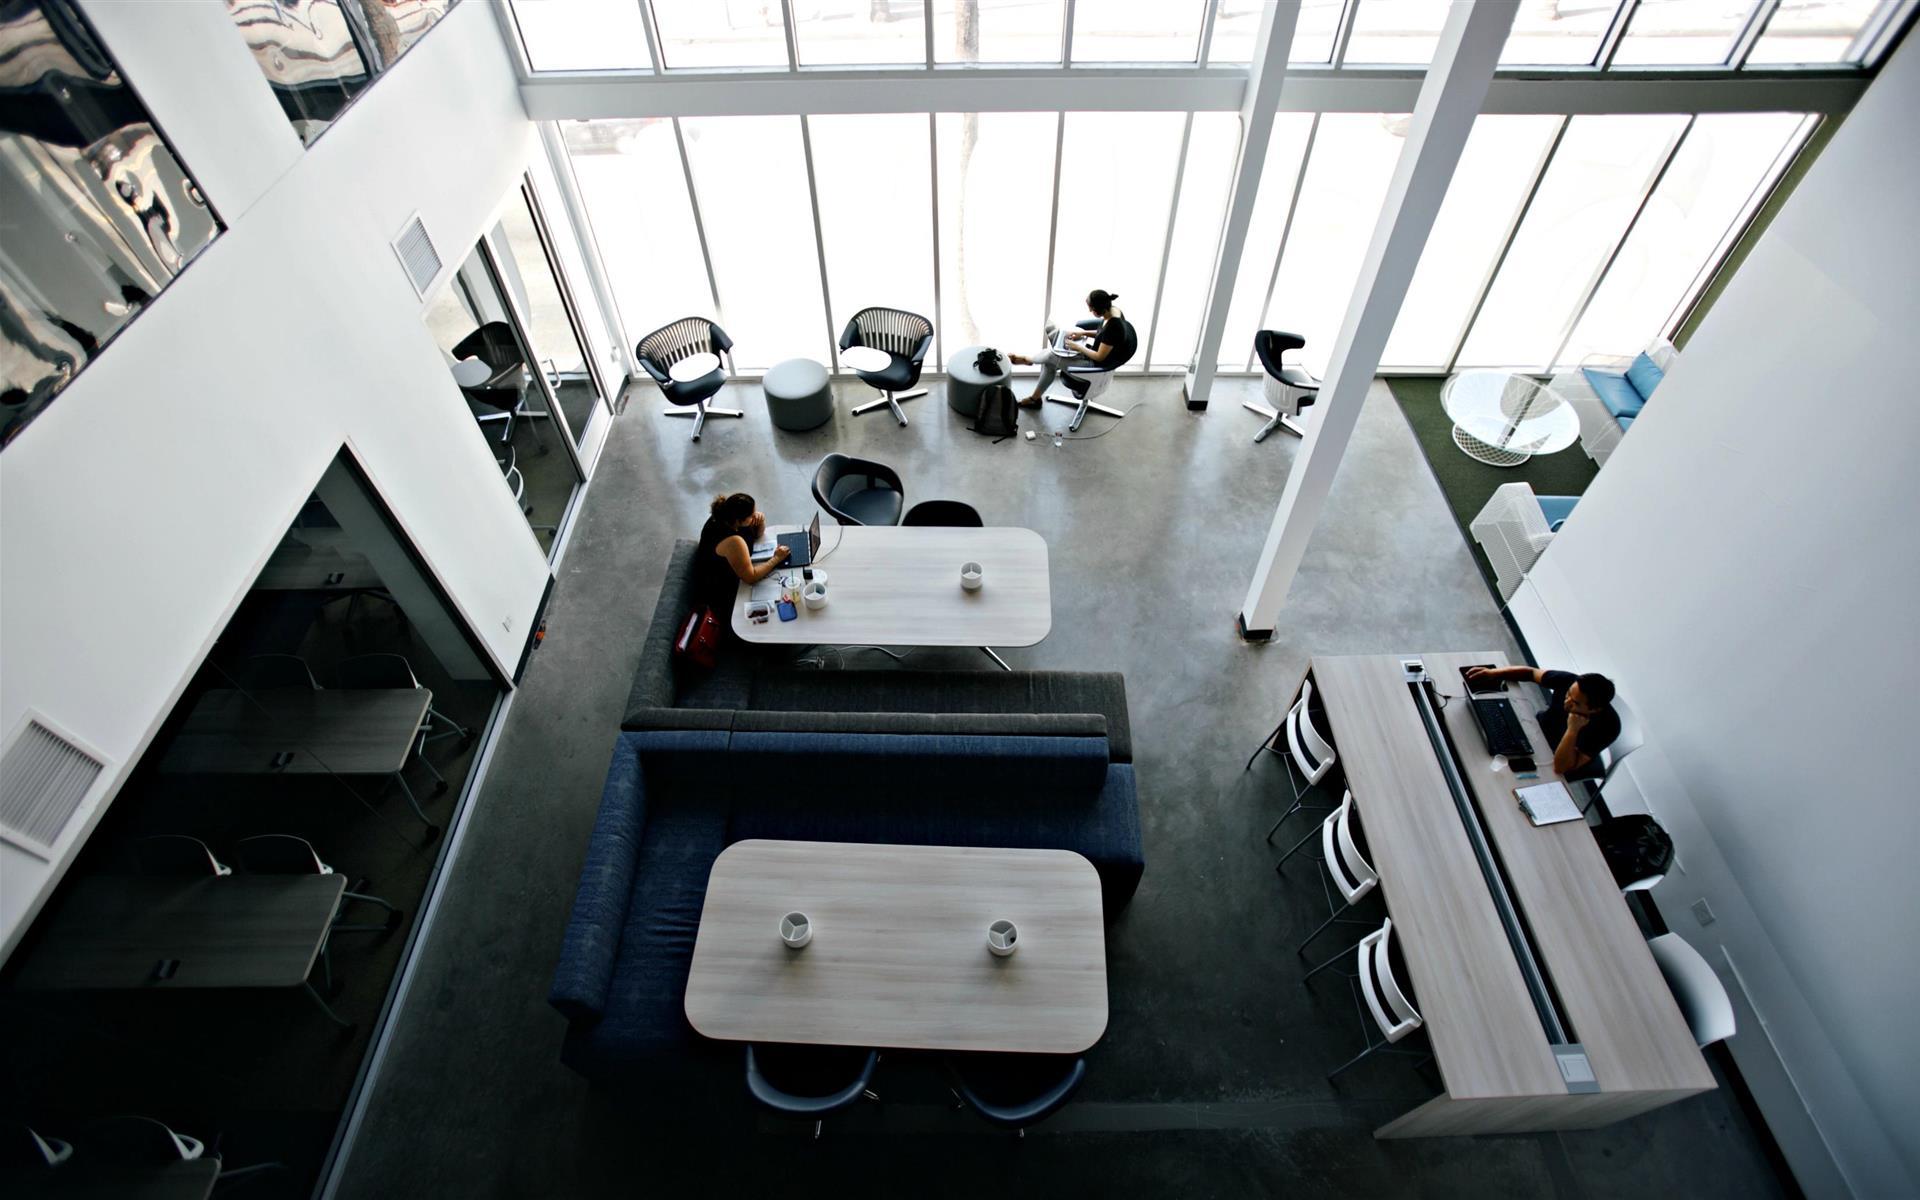 SANDHOUSE Los Angeles - Workbar Membership